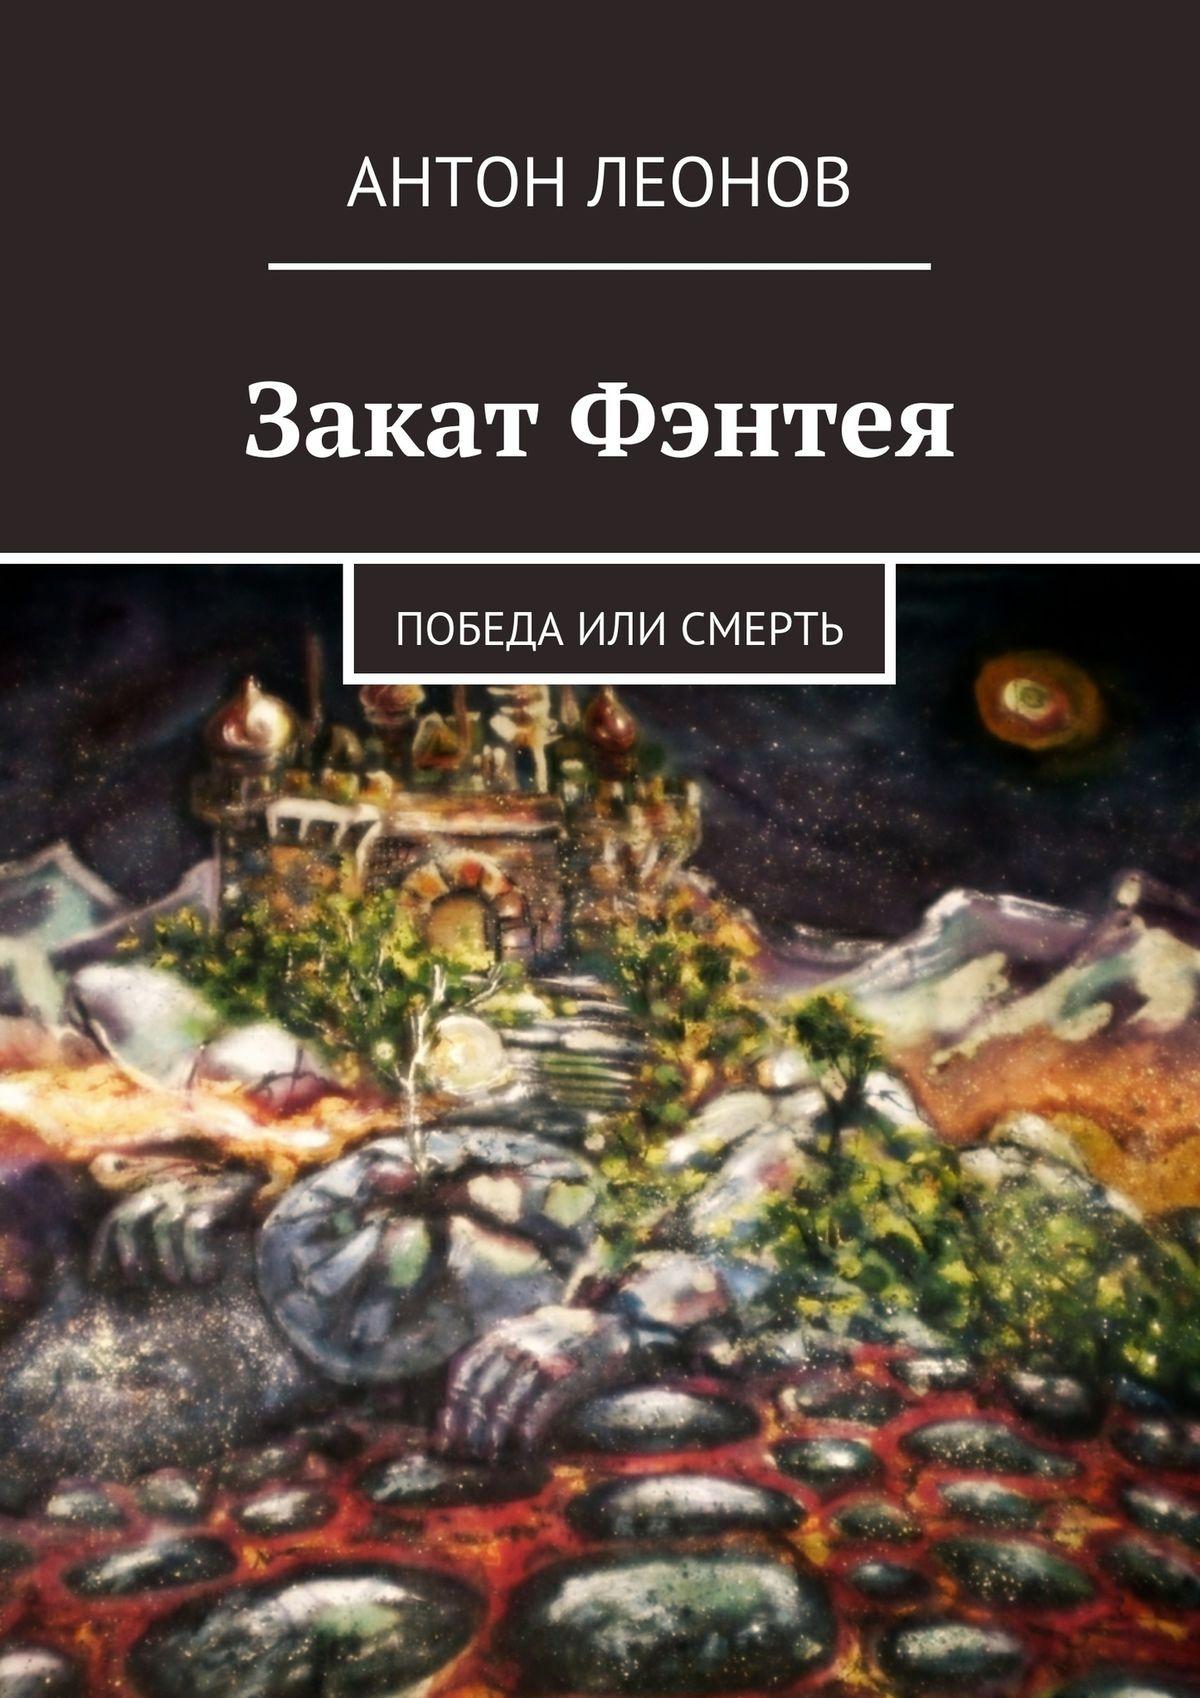 Антон Леонов Закат Фэнтея стоимость